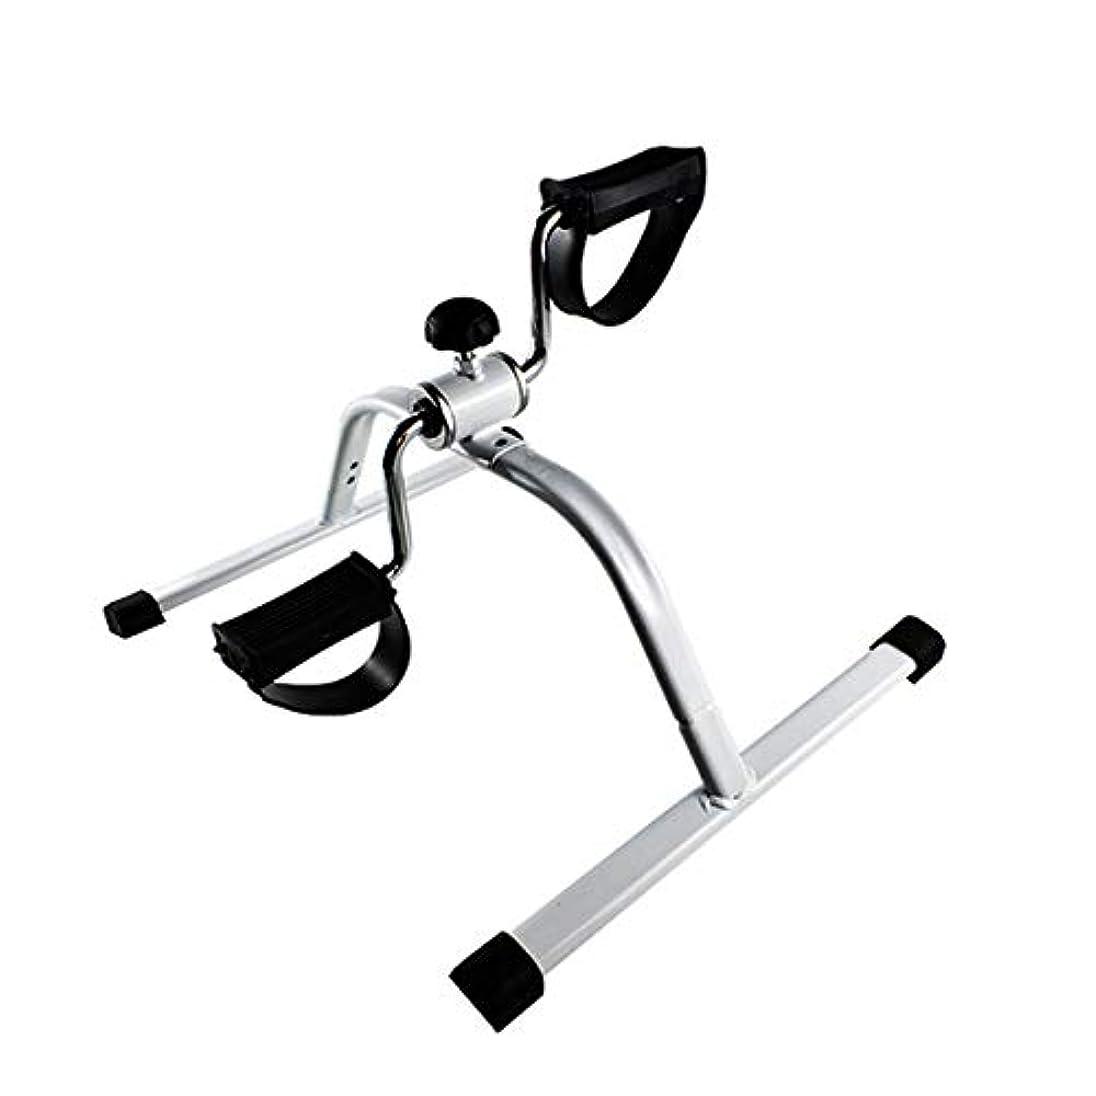 学生湿ったマオリ高齢者リハビリテーション訓練自転車、上肢および下肢のトレーニング機器、ホームレッグアームペダルエクササイザー、ホーム理学療法フィットネストレーニング,A